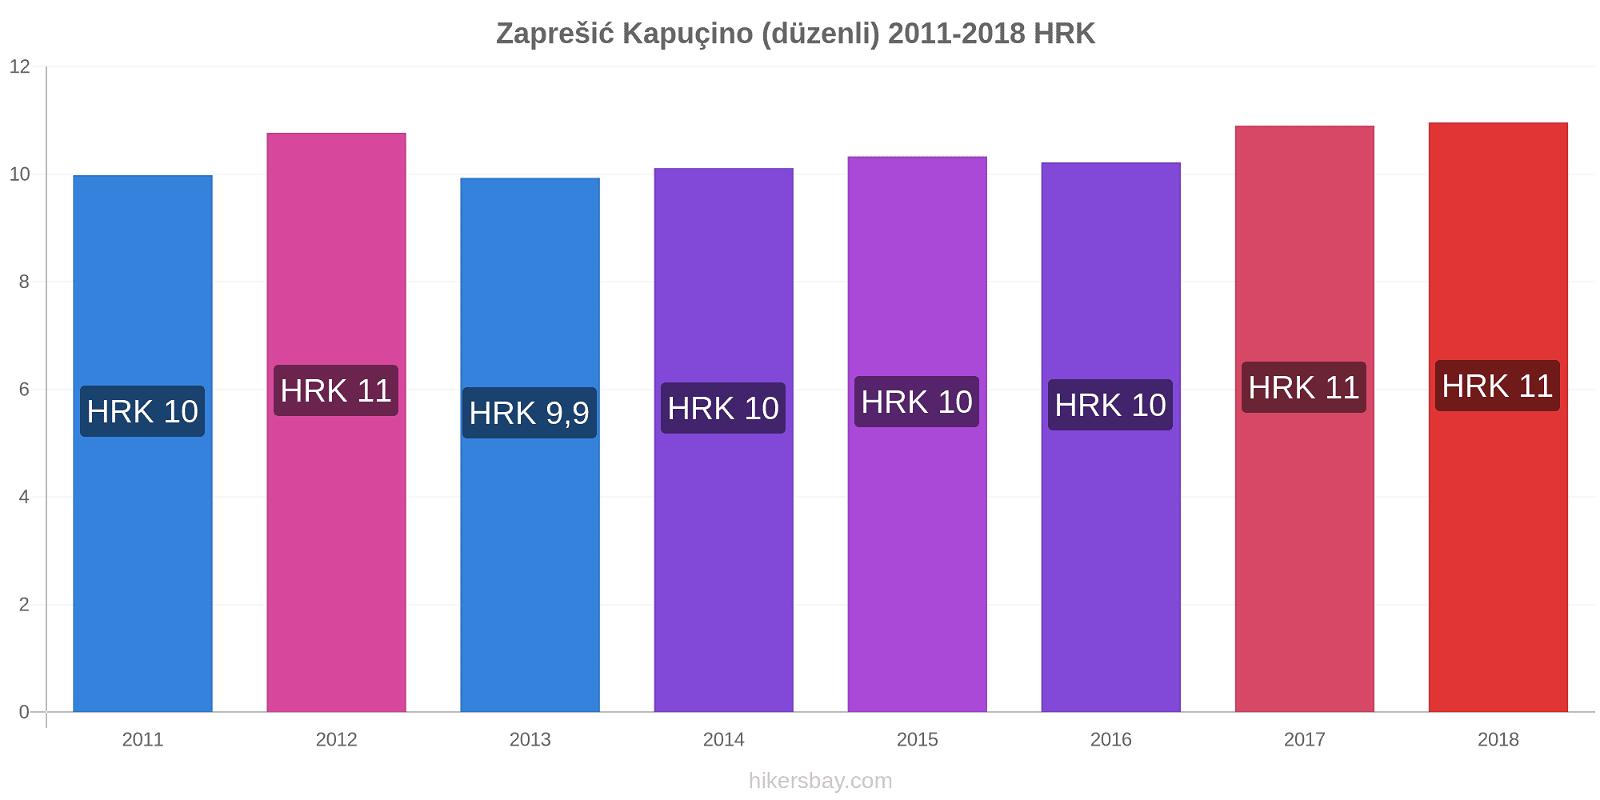 Zaprešić fiyat değişiklikleri Kapuçino (düzenli) hikersbay.com